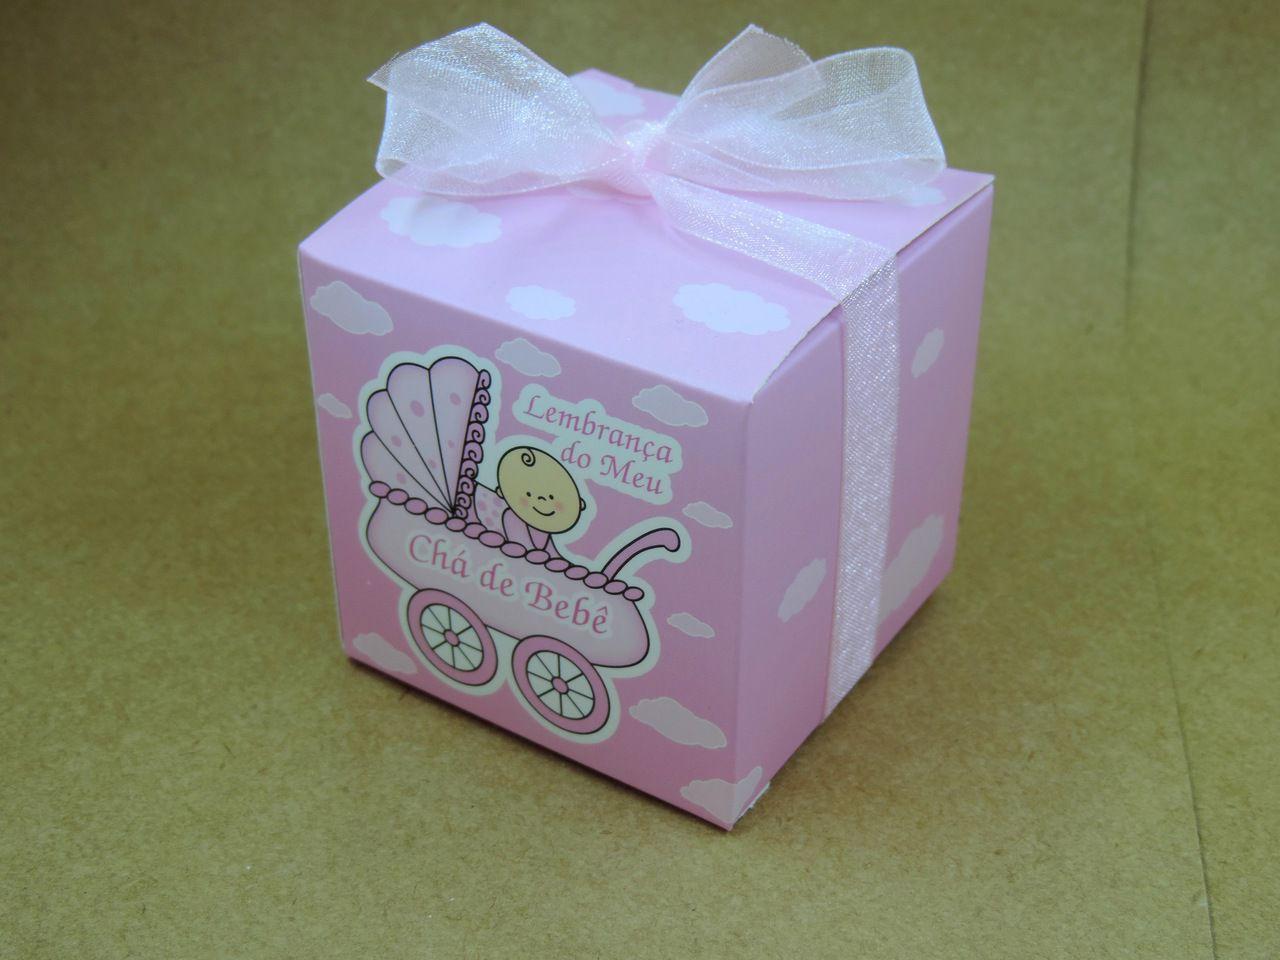 caixinha de papel chá de bebê rosa 6cm 10 unidades